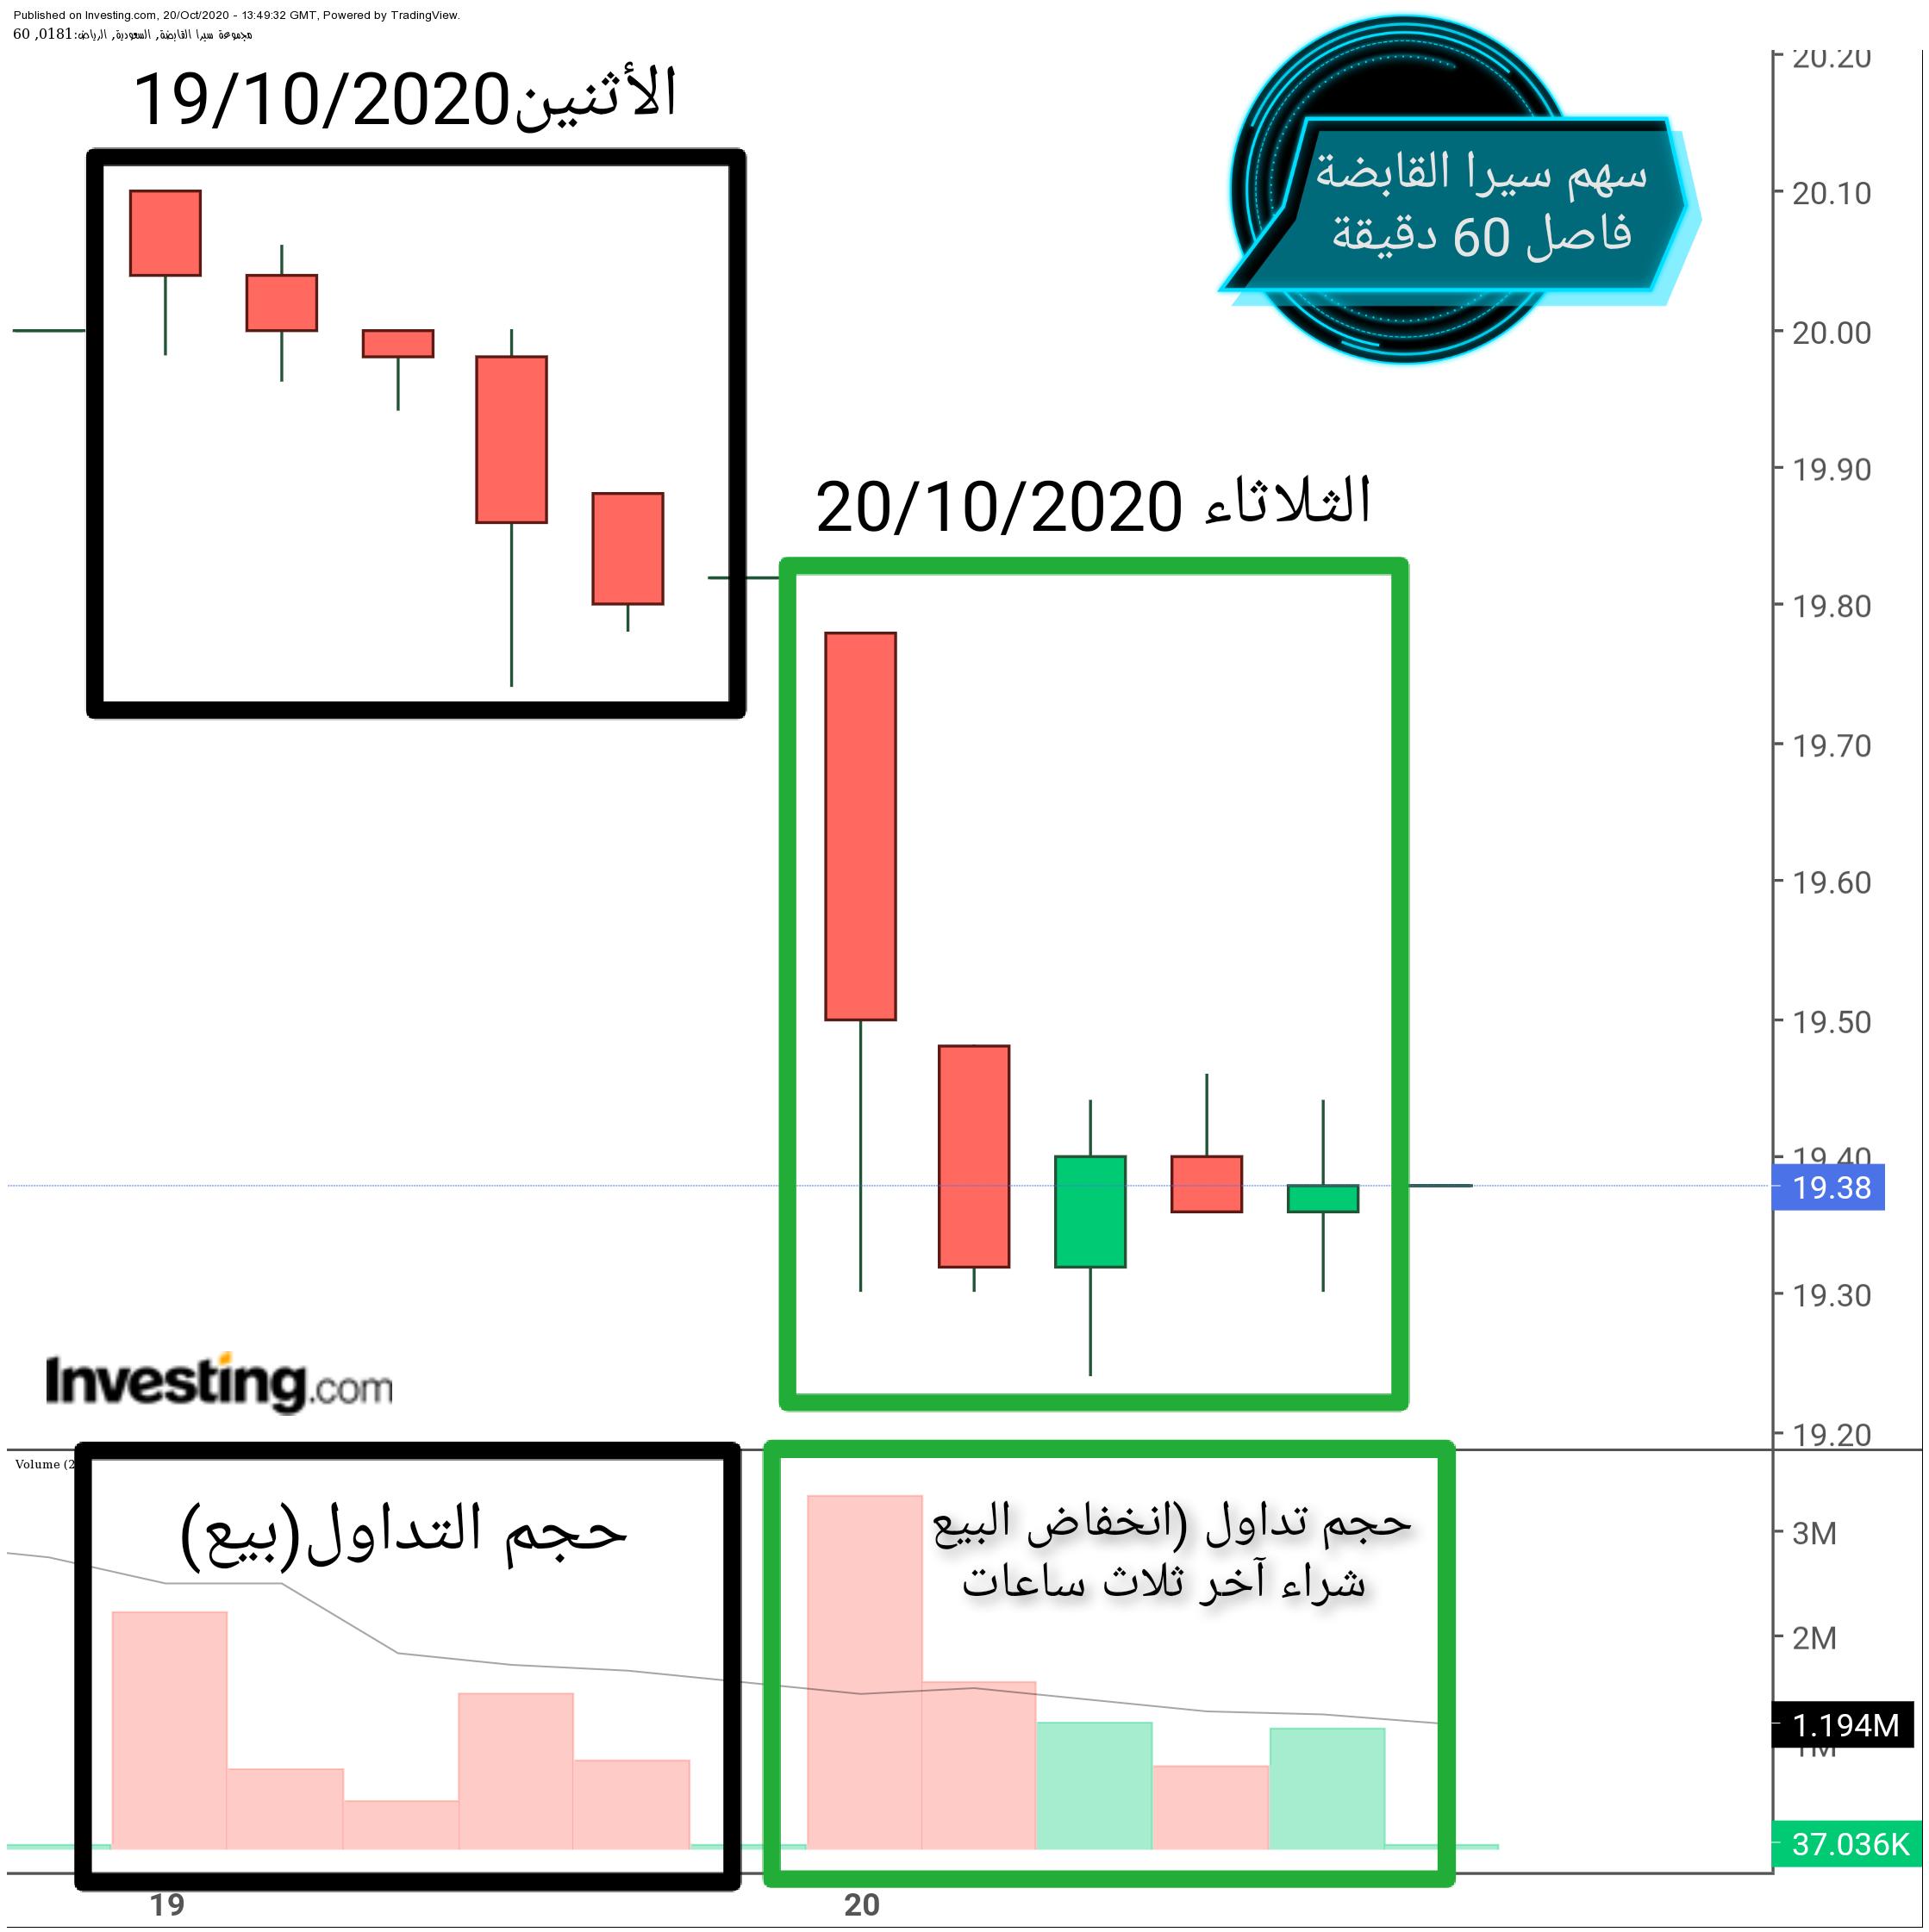 سهم شركة مجموعة سيرا القابضة - الصفحة 45 - هوامير البورصة ...